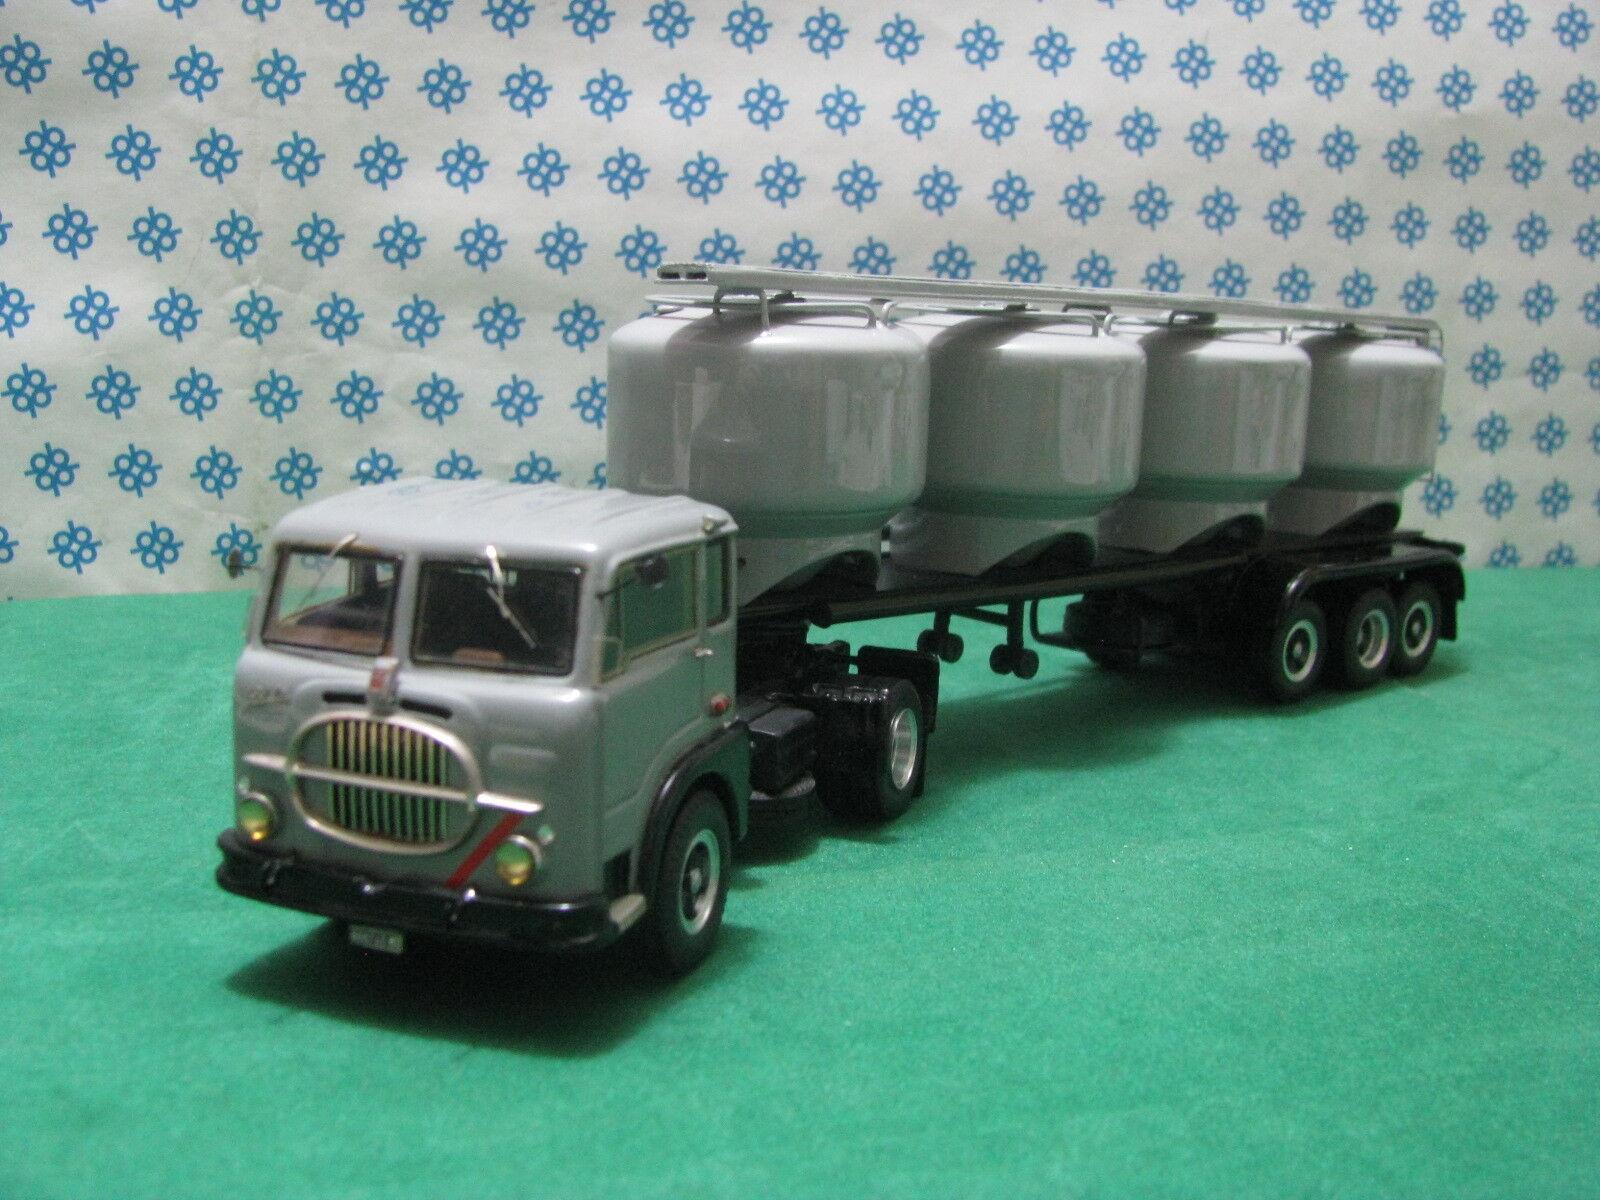 FIAT 682 T3 Semi-remorque 3 Axes avec Silos pour Ciment -1 43 CB Modelli Gila